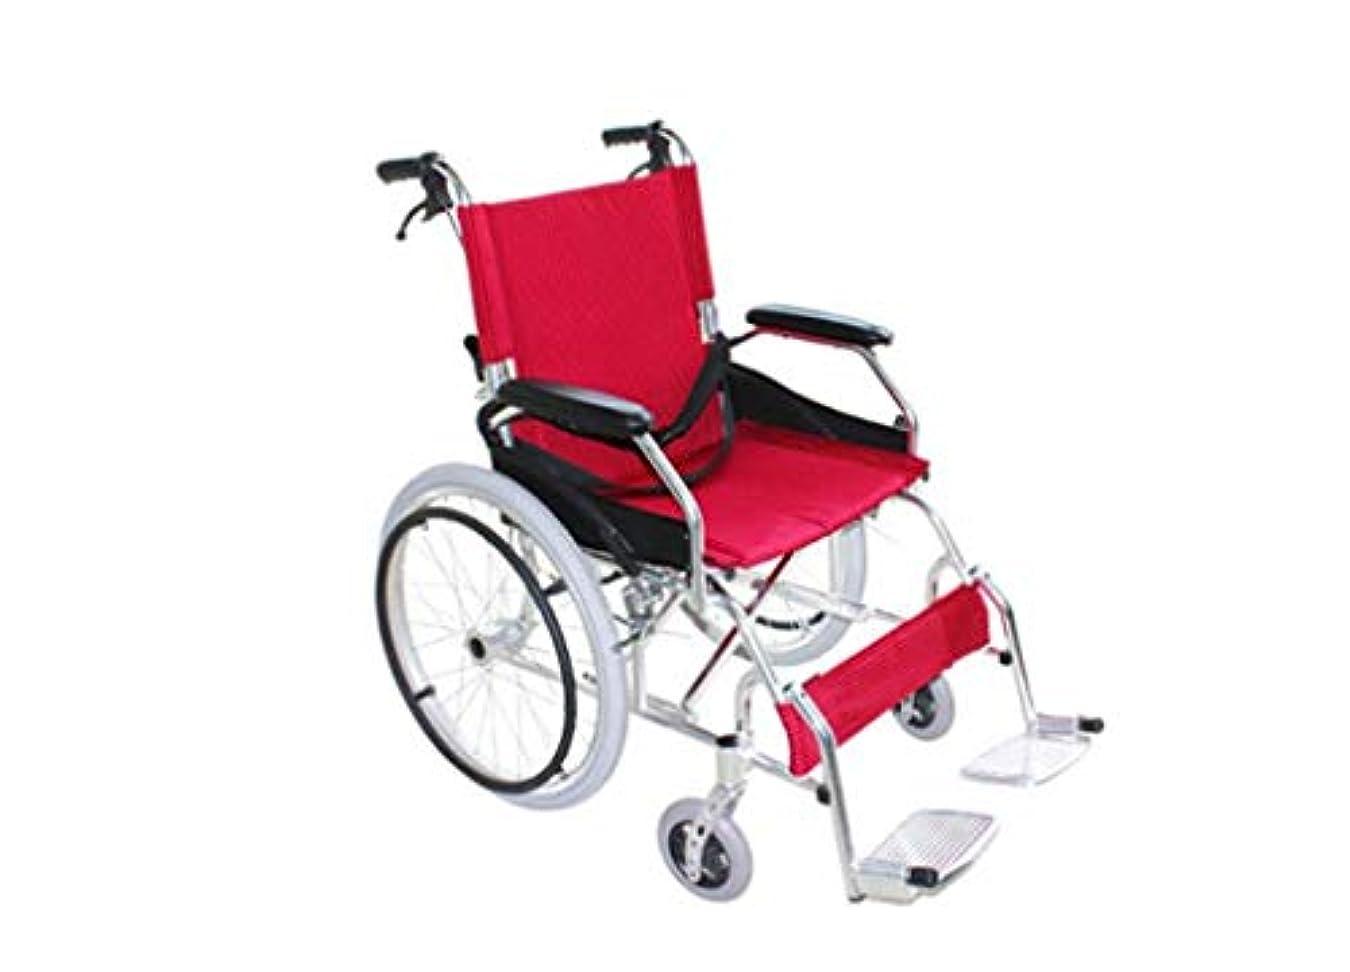 確率キルト製油所車椅子用トロリー、折り畳み式、手動操作プッシュ式ウォーキングギア、成人および身体障害者用のアルミニウム製トラベルスクーター車椅子に適しています (Color : A)